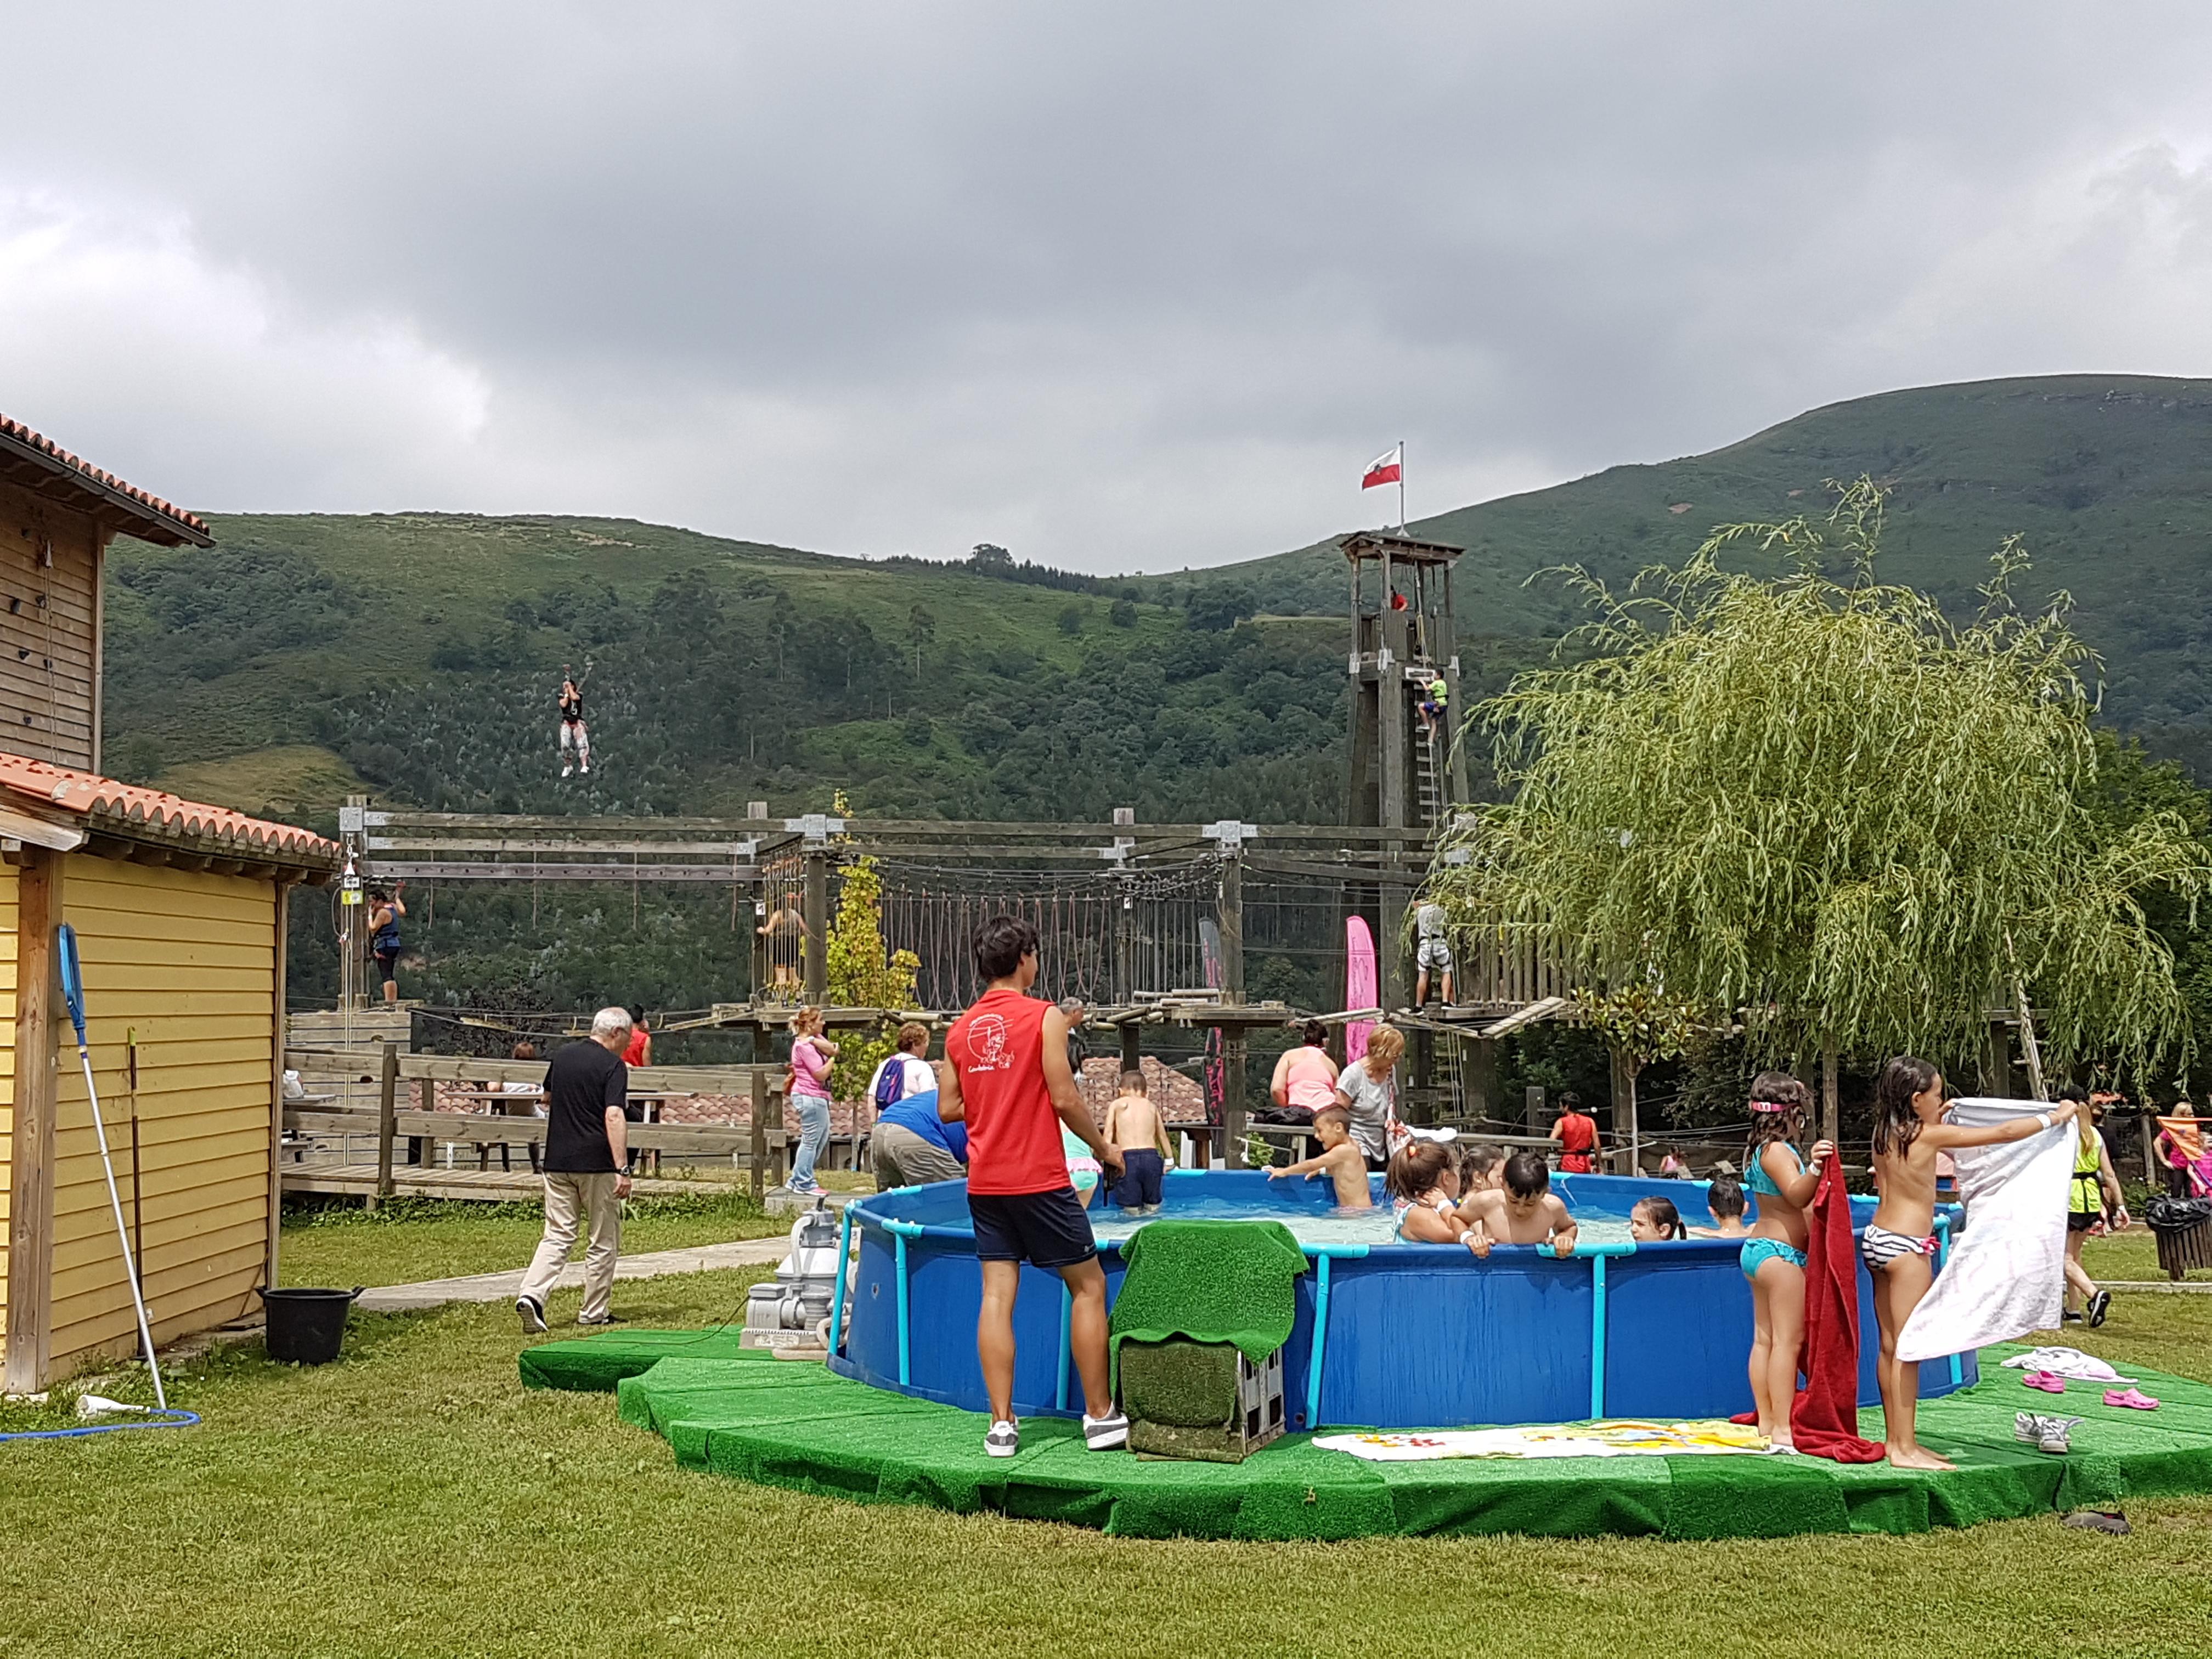 Juegos de agua y actividades recreativas